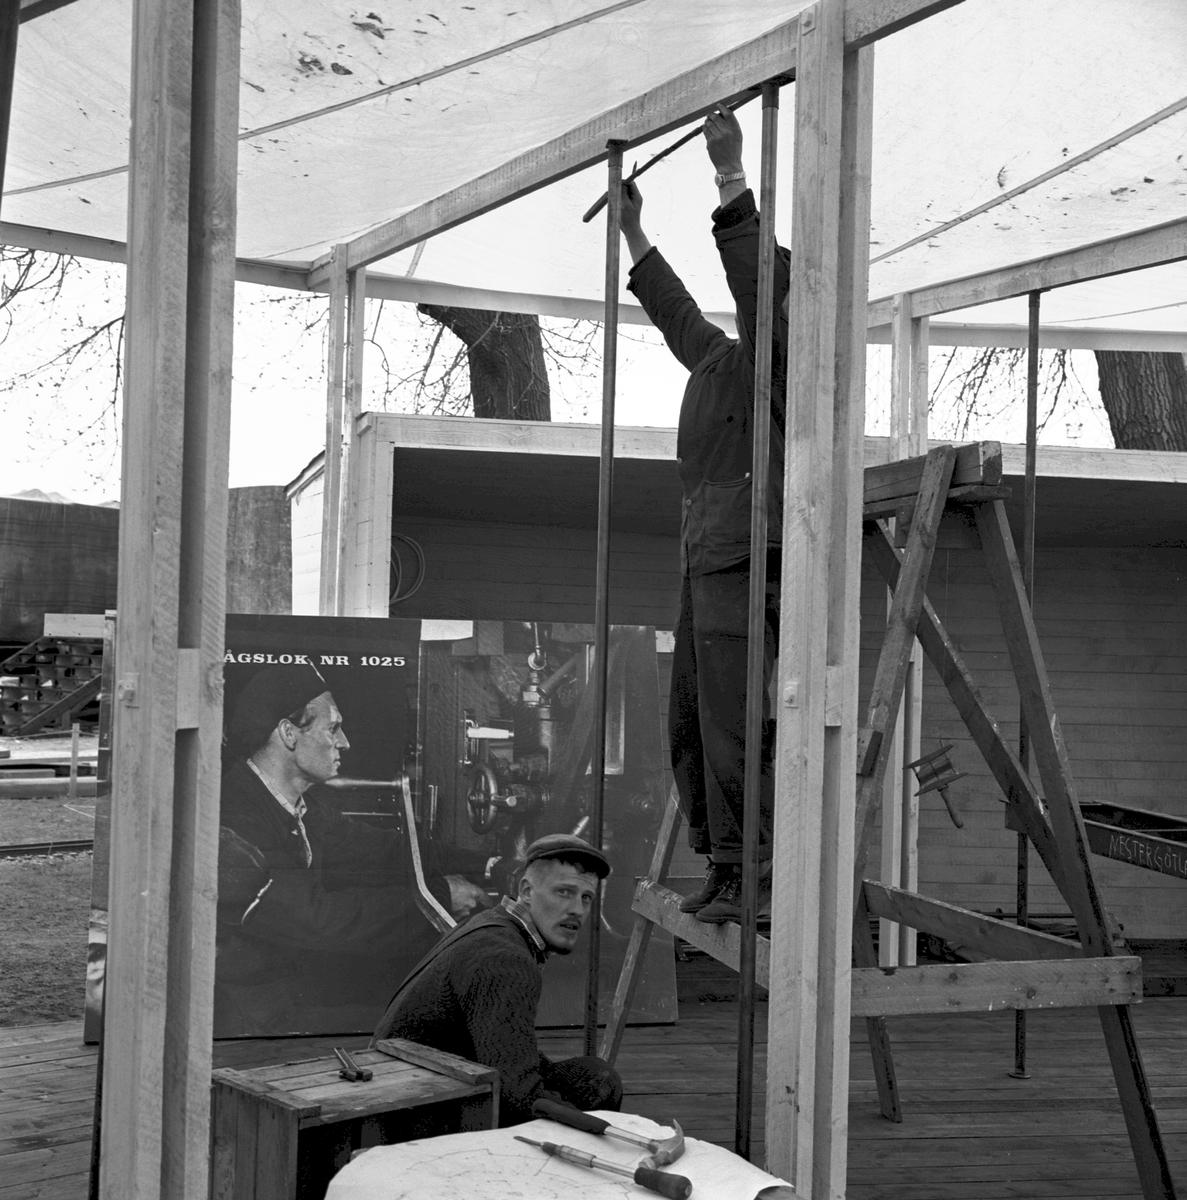 Mässa, Tåg 62. Firande av 100 år av västra stambanan 1862-1962. Göteborgs Modelljärnvägssällskaps lokaler, Järnvägsmännens gymnastik- och idrottshall